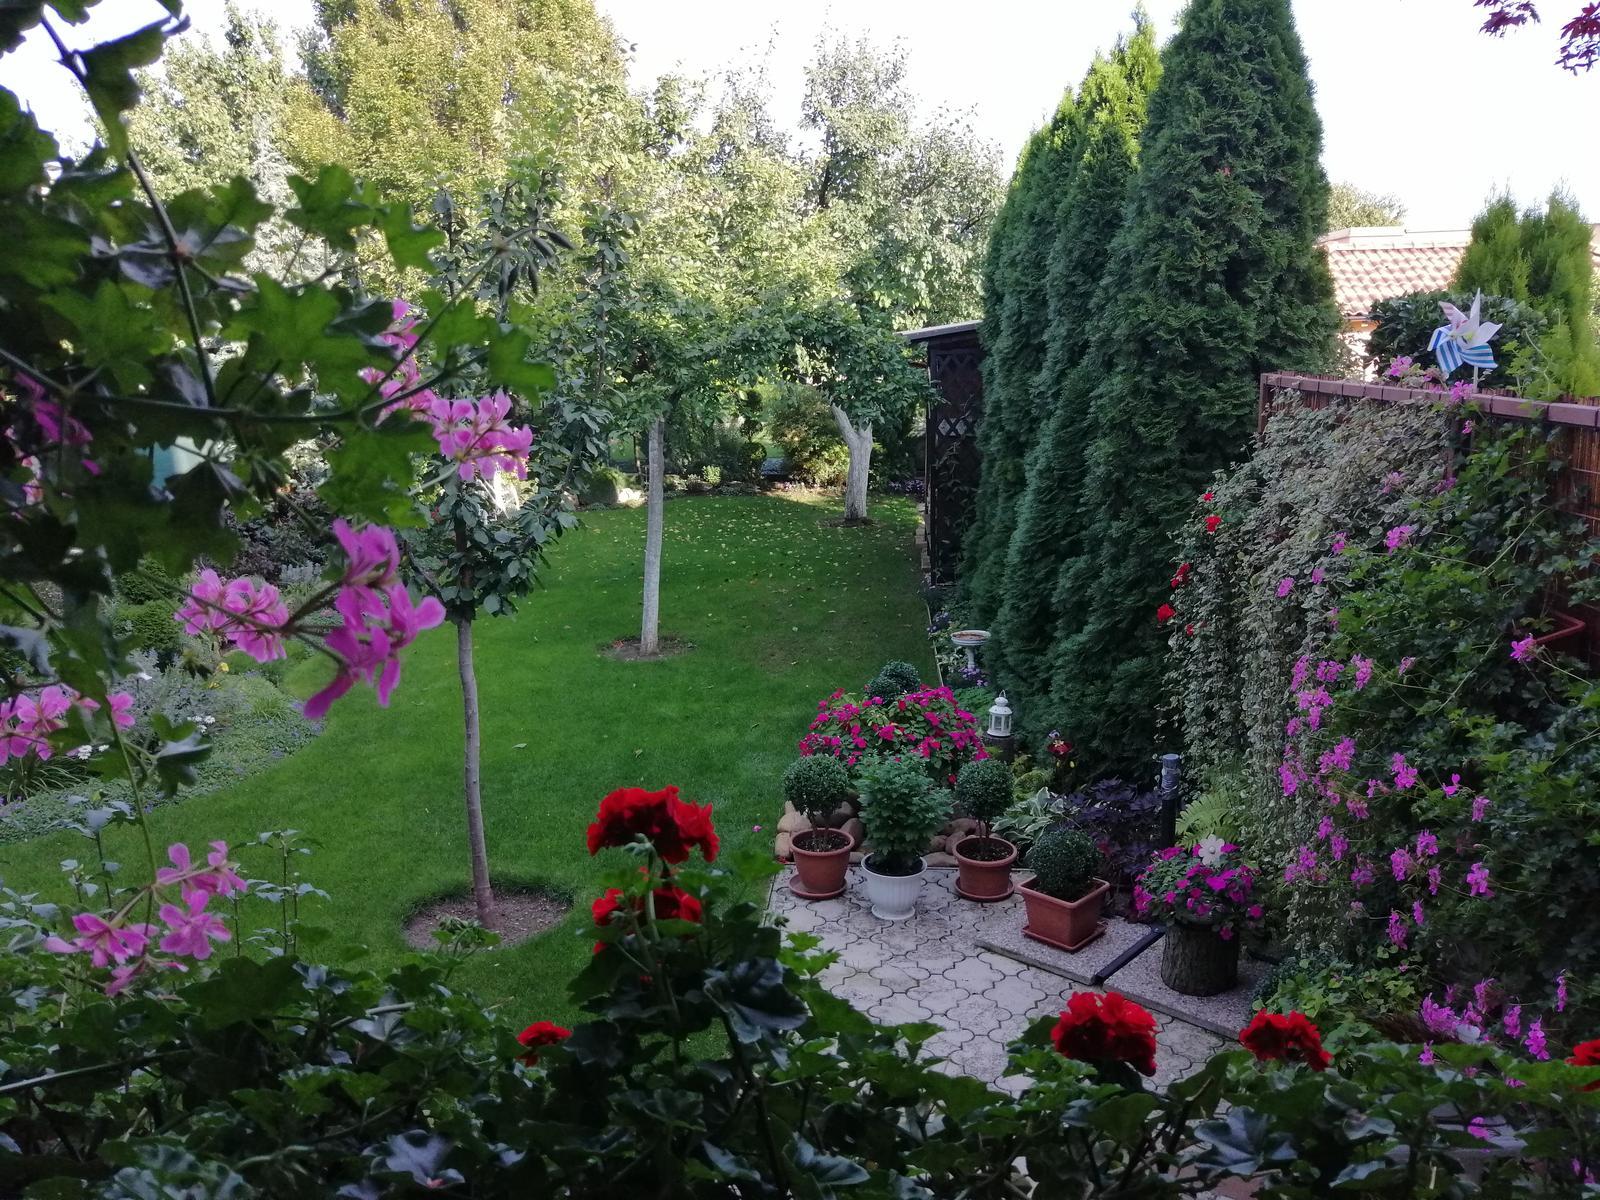 Zahrada 2020 - Obrázok č. 338